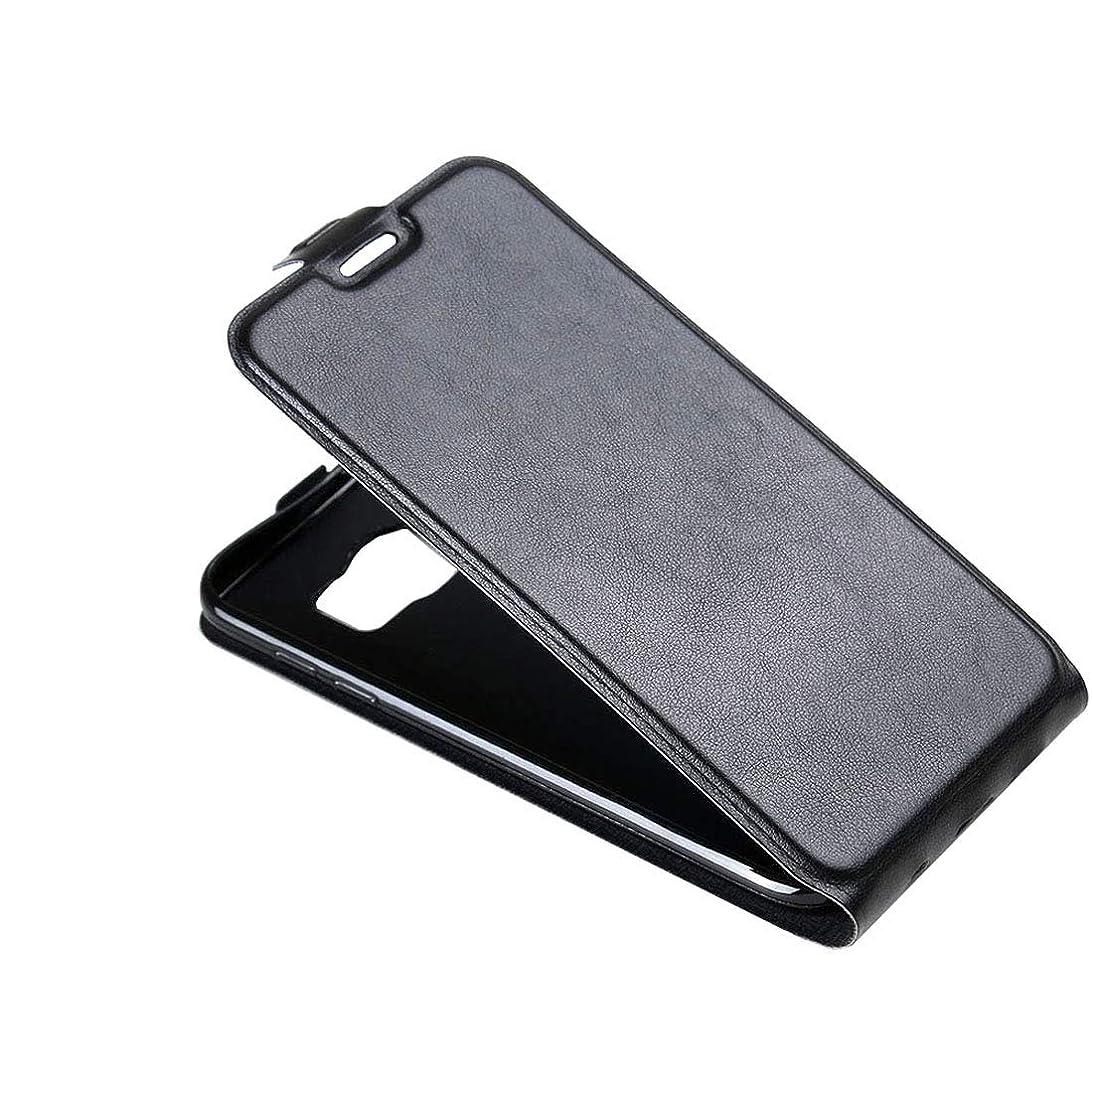 。作りストッキングGalaxy S7 / G930縦型フリップレザーケース(カードスロットとフォトフレーム付き)の新機能(ブラック) Yikaja (色 : Black)